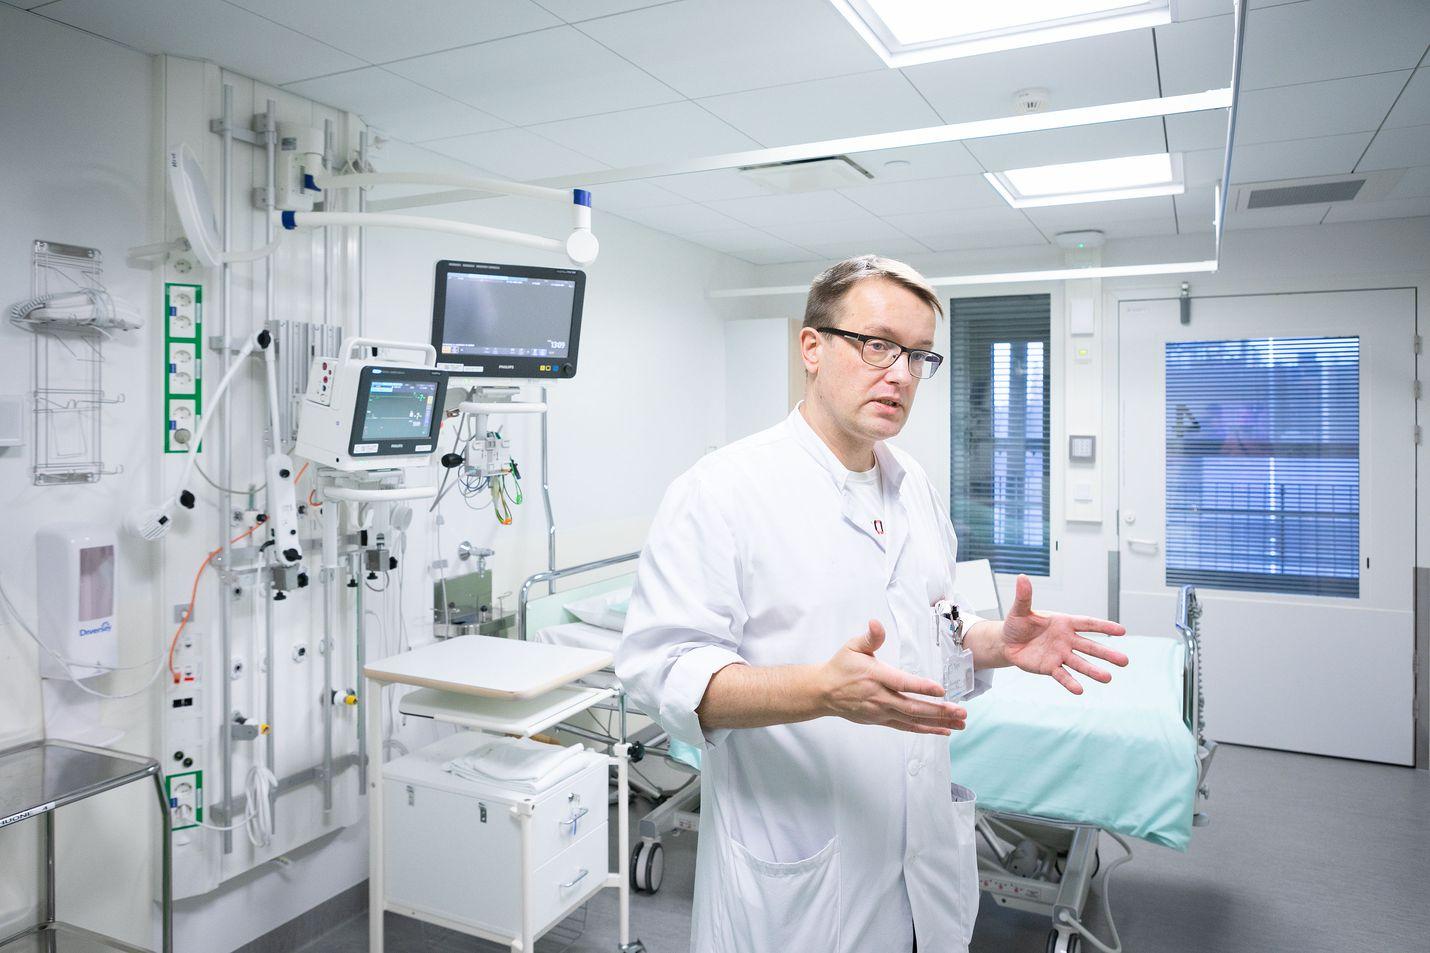 Petrus Säilän mukaan ei ole varmaa tietoa, miksi joidenkin ihmisten elimistöt ylireagoivat viruksiin. Arkistokuva.